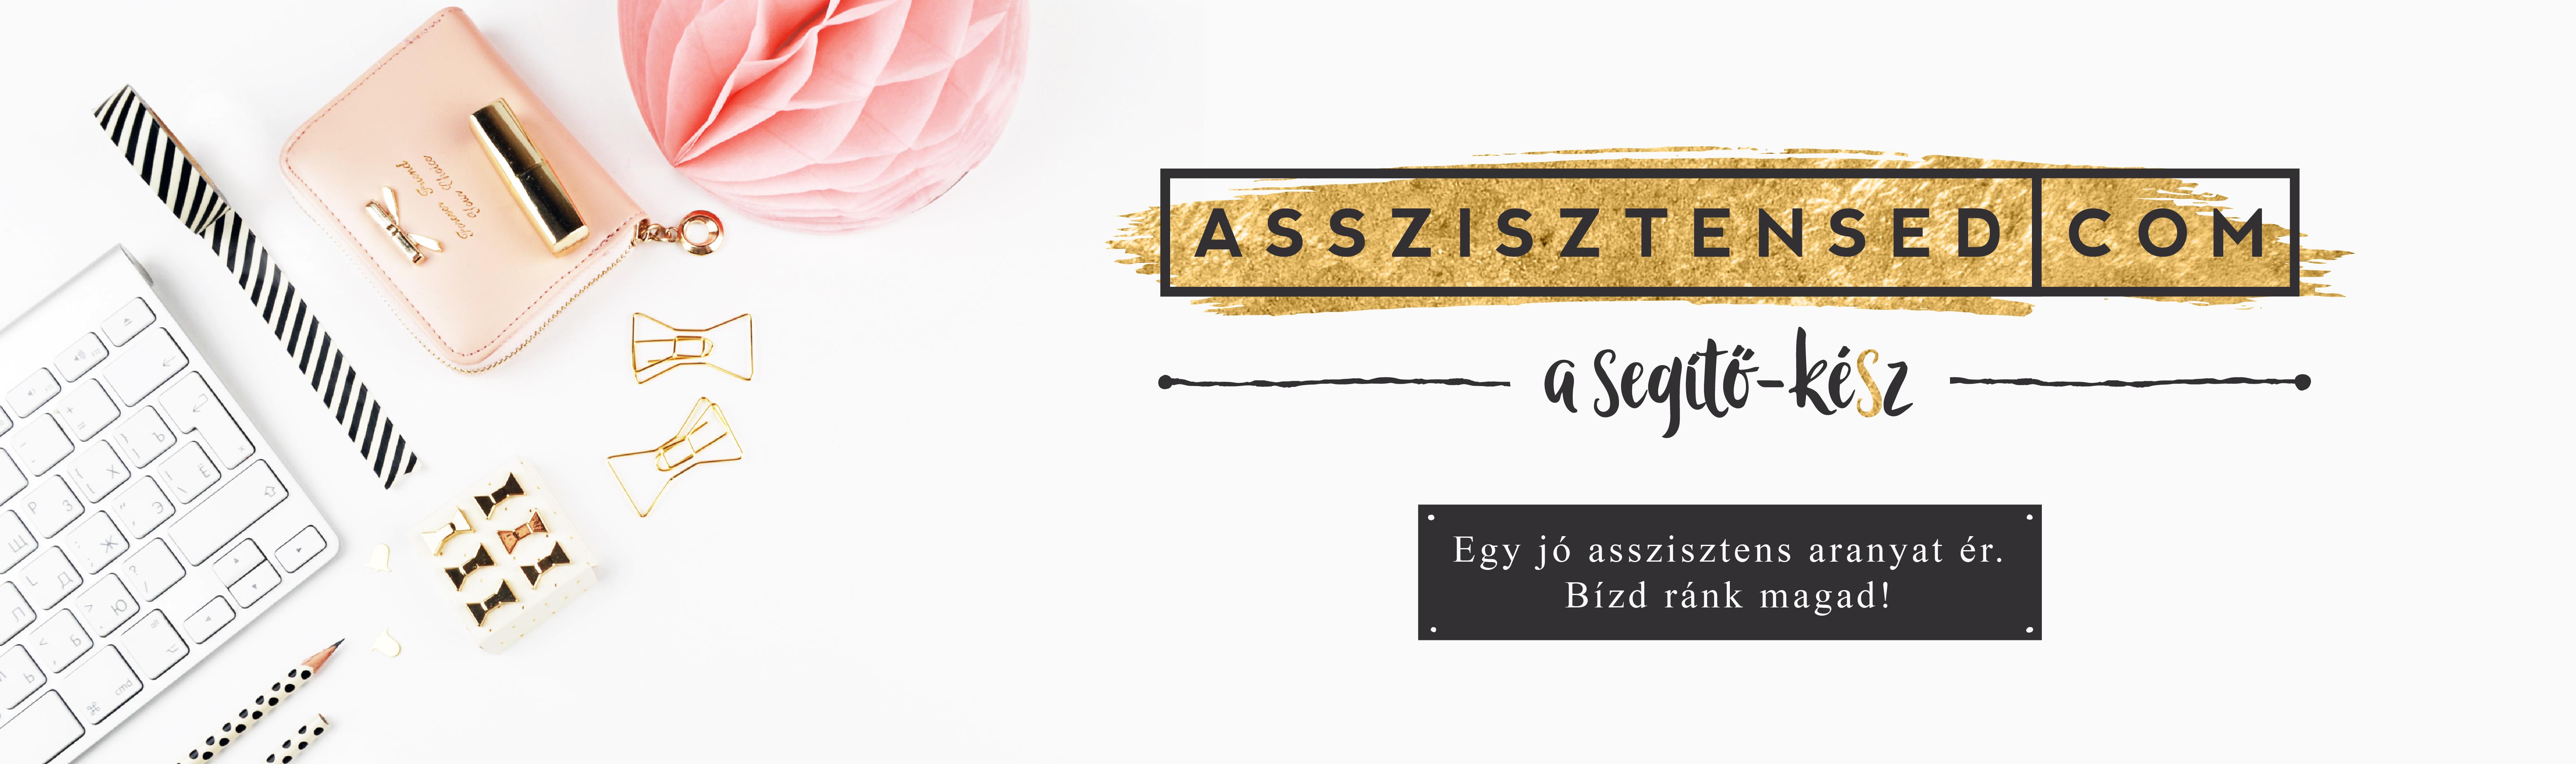 Asszisztensed.com